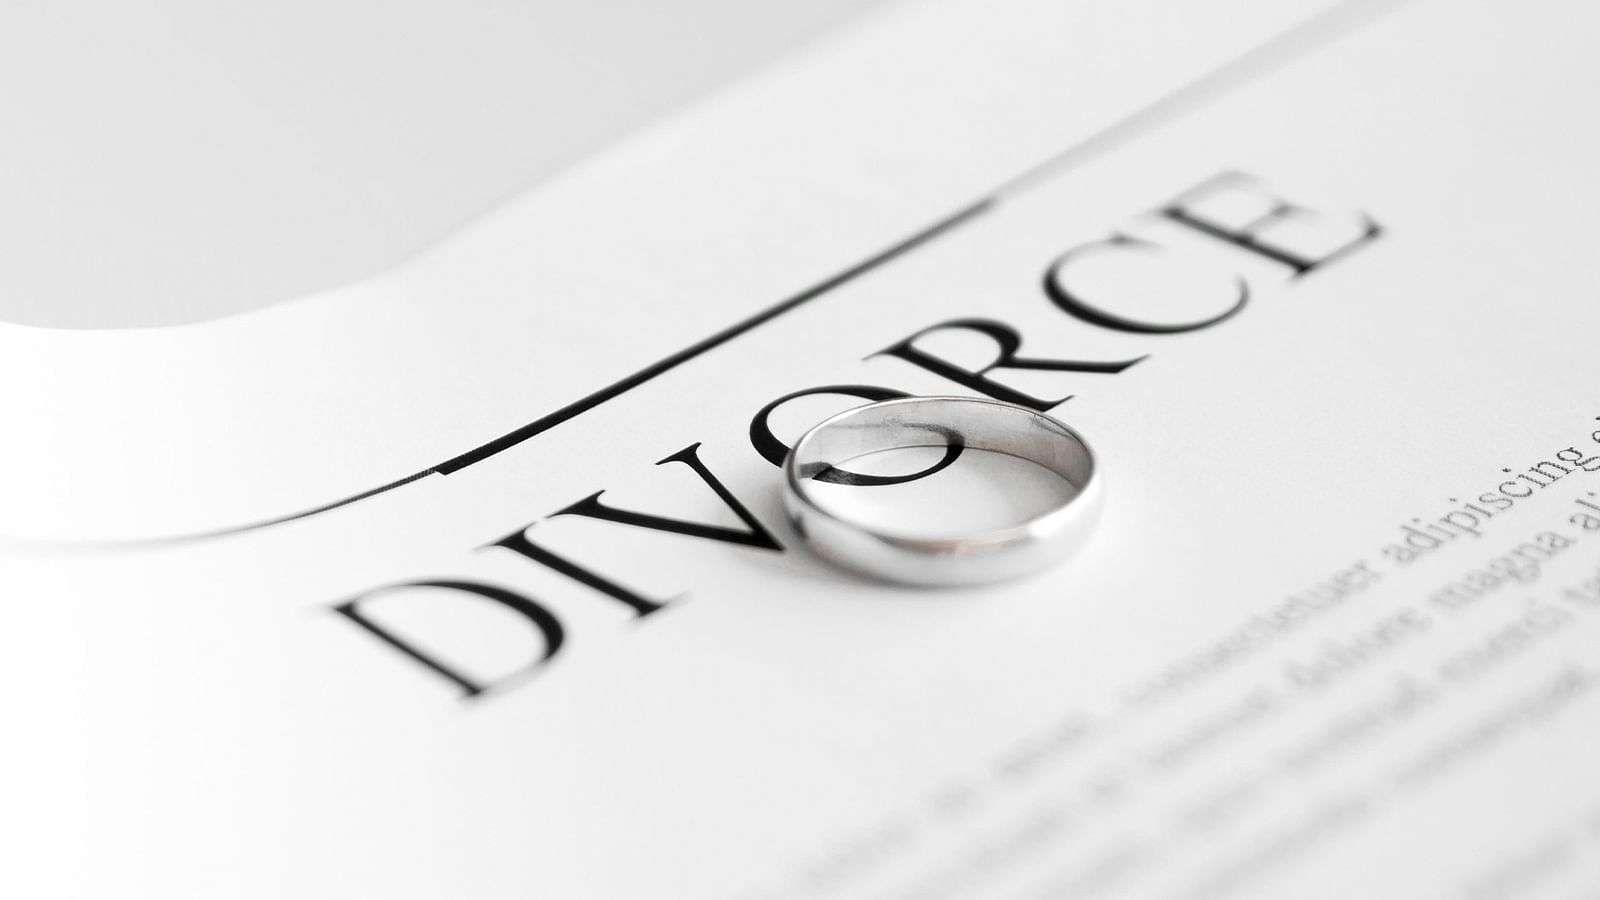 लग्न हे पवित्र बंधन मानले जाते. ज्या लोकांचे अद्याप लग्न झालेले नाही, त्यांना याचे गांभीर्य नसते. पण जे विवाहित आहेत, त्यांना या नात्याचे महत्त्व चांगलेच माहिती आहे. कोणत्याही कठीण परिस्थितीत विवाहबंधन टिकवून ठेवणे ही तारेवरची कसरत असते. जगभरात दररोज कोट्यवधी लोक विवाहबंधनात अडकतात, तशीच अनेक लोक घटस्फोटही घेत असतात.